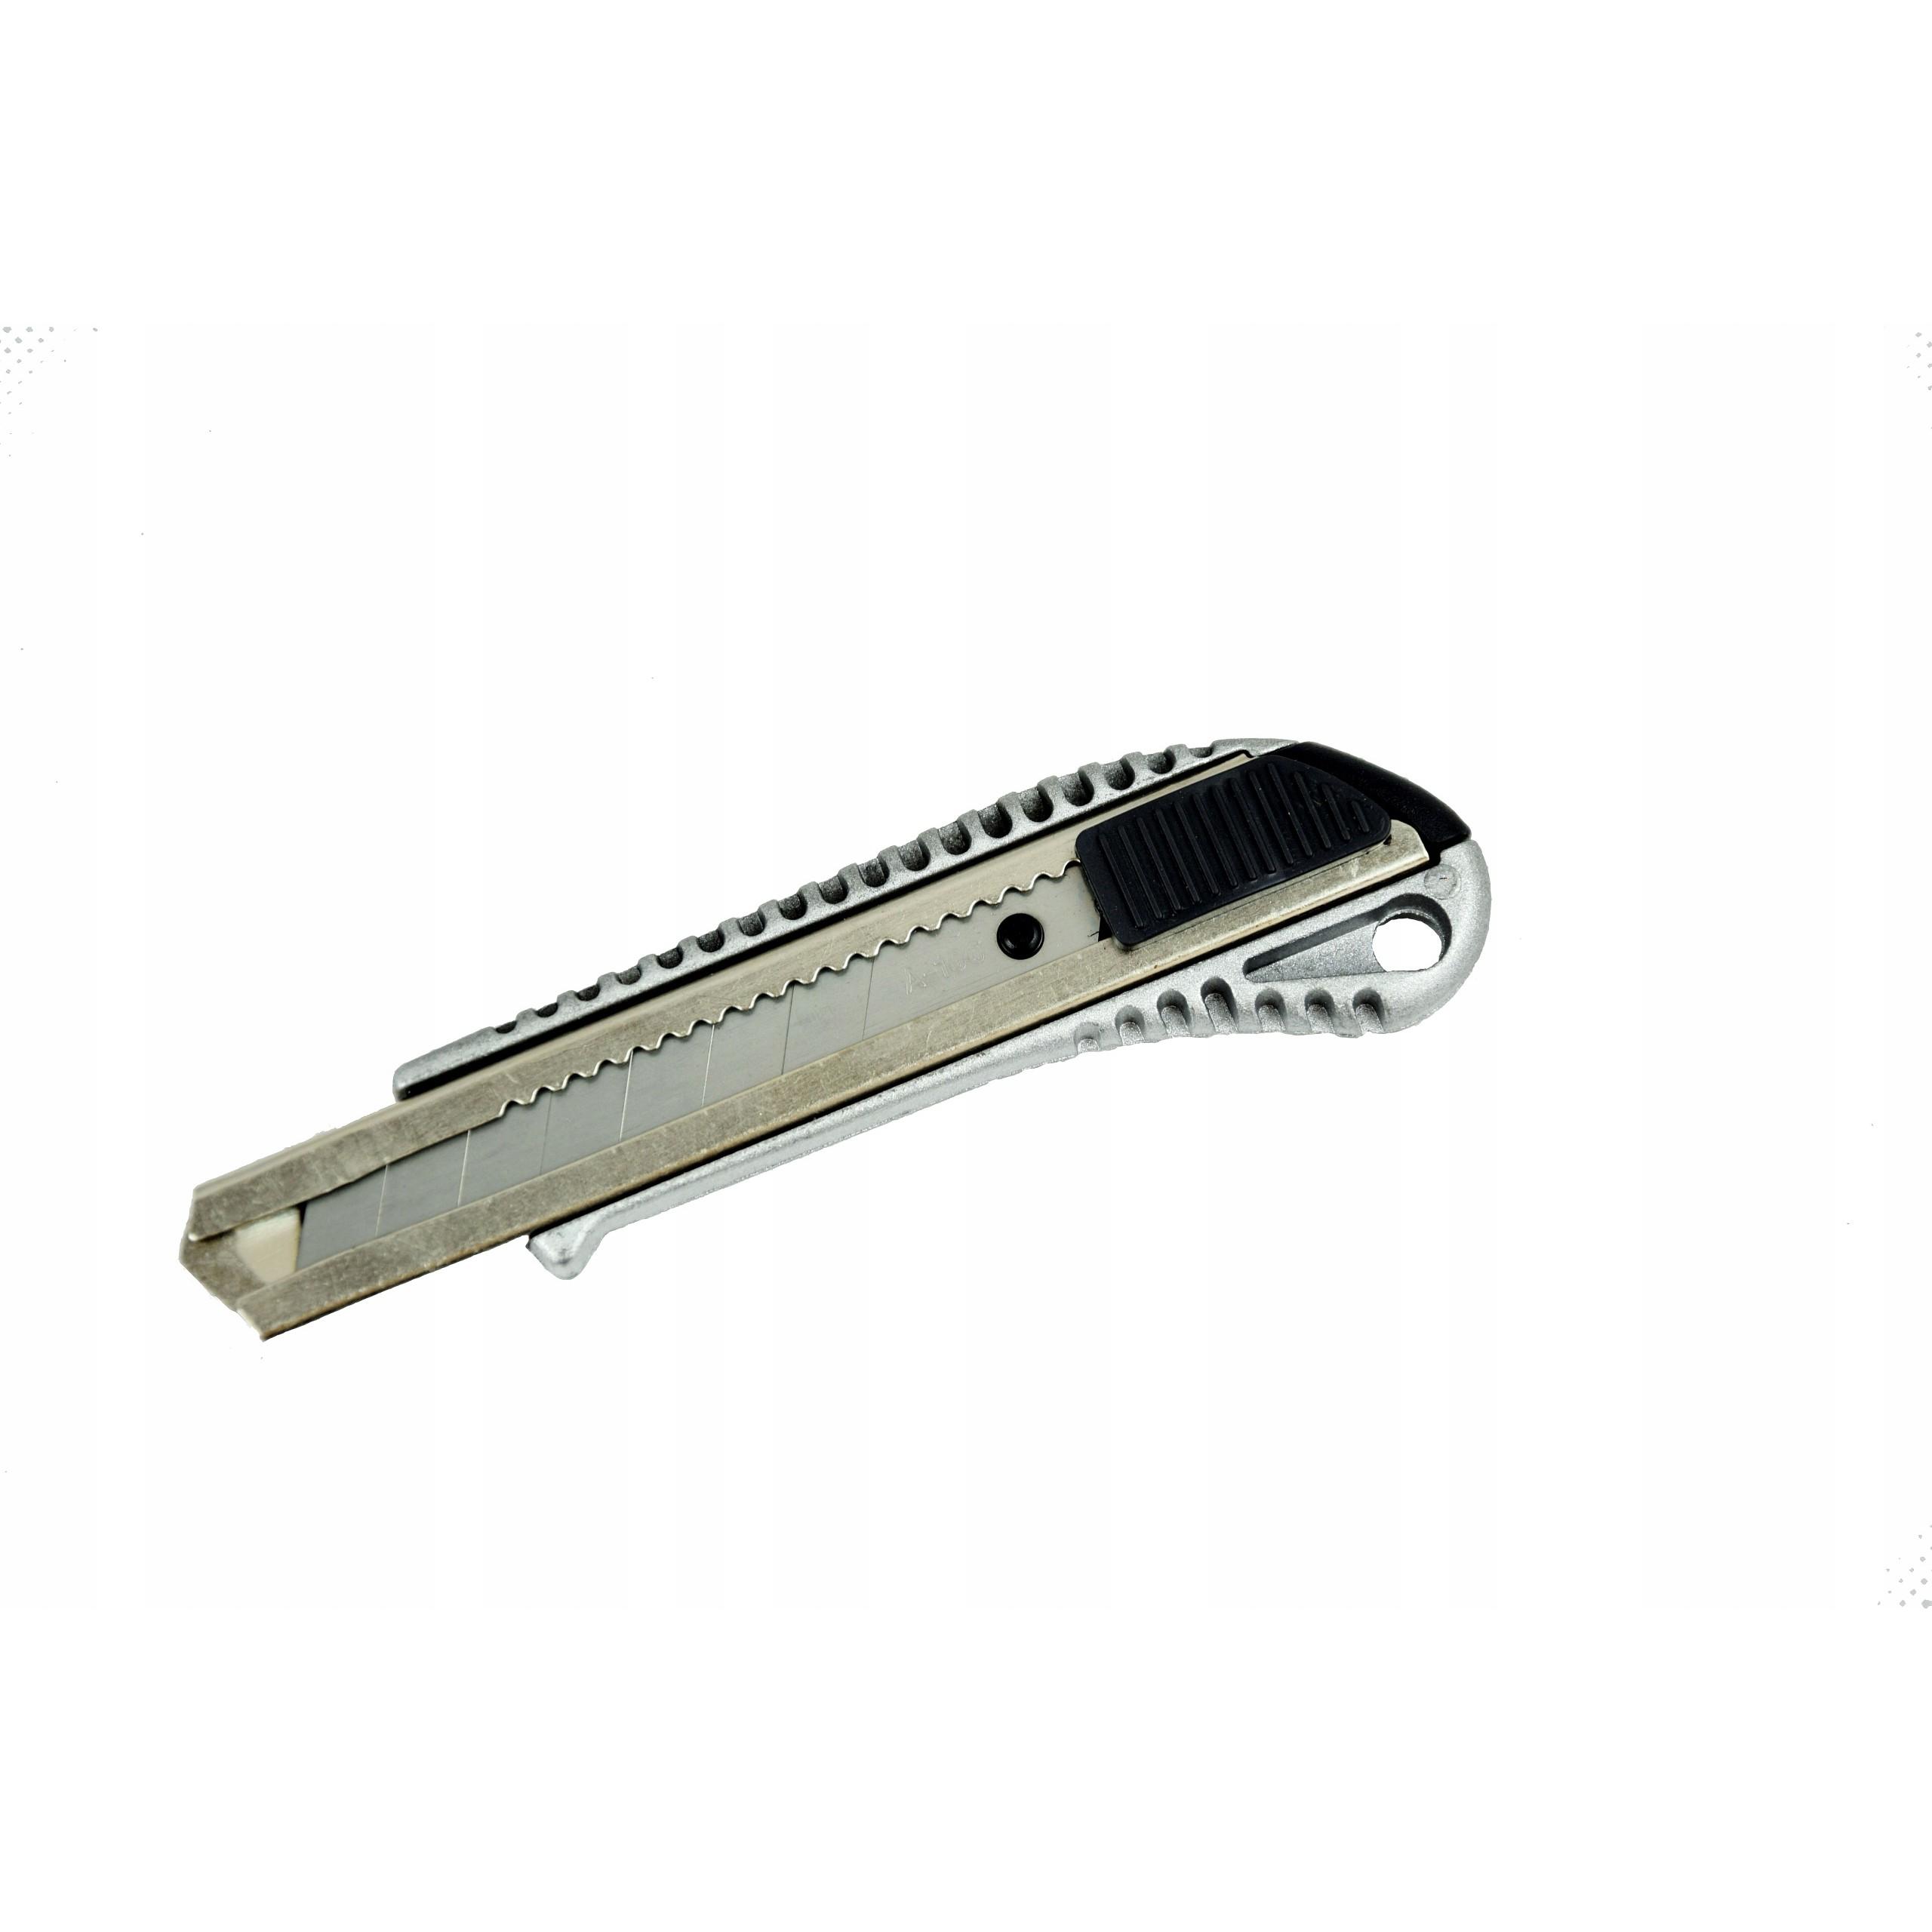 Vysúvací nožík kovový 18mm + 11 náhradných čepelí megamix.sk